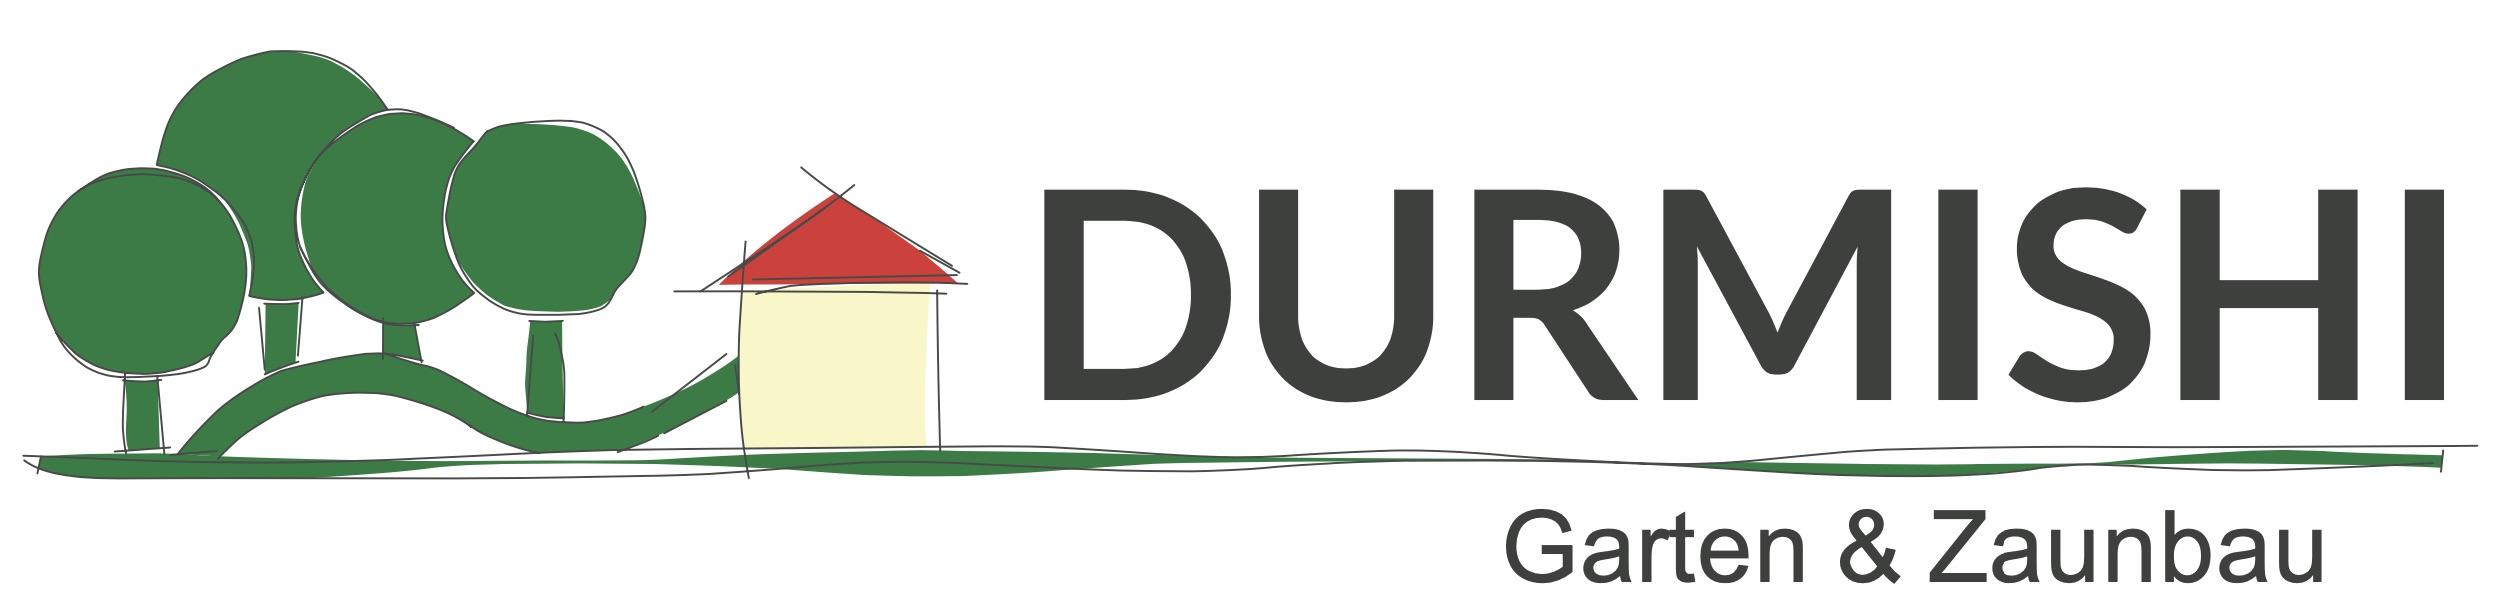 DURMISHI Garten- & Zaunbau